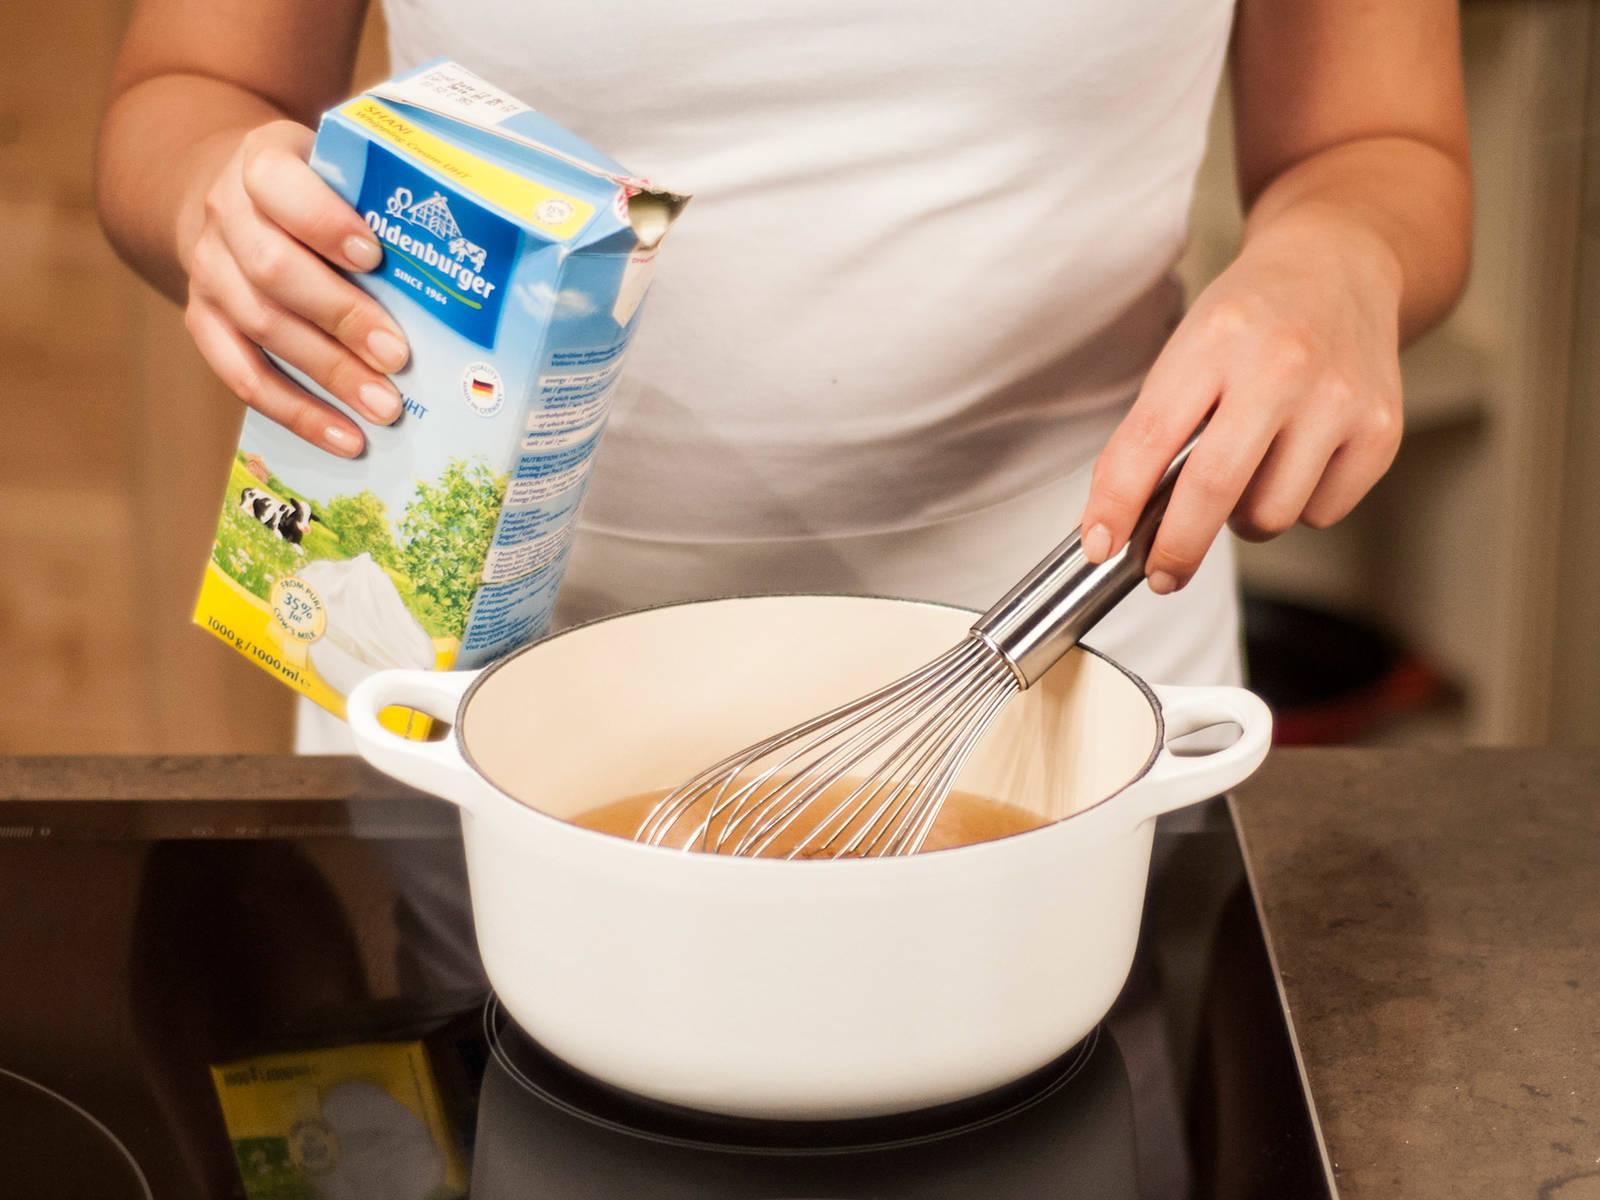 然后,将火鸡放入大浅盘中,静置10分钟左右。同时,将烤盘中的汤汁过滤至锅中,加入稀奶油和黄油煮沸,然后继续煮1-2分钟,期间持续搅拌制成酱汁。可用火鸡搭配酱汁享用。